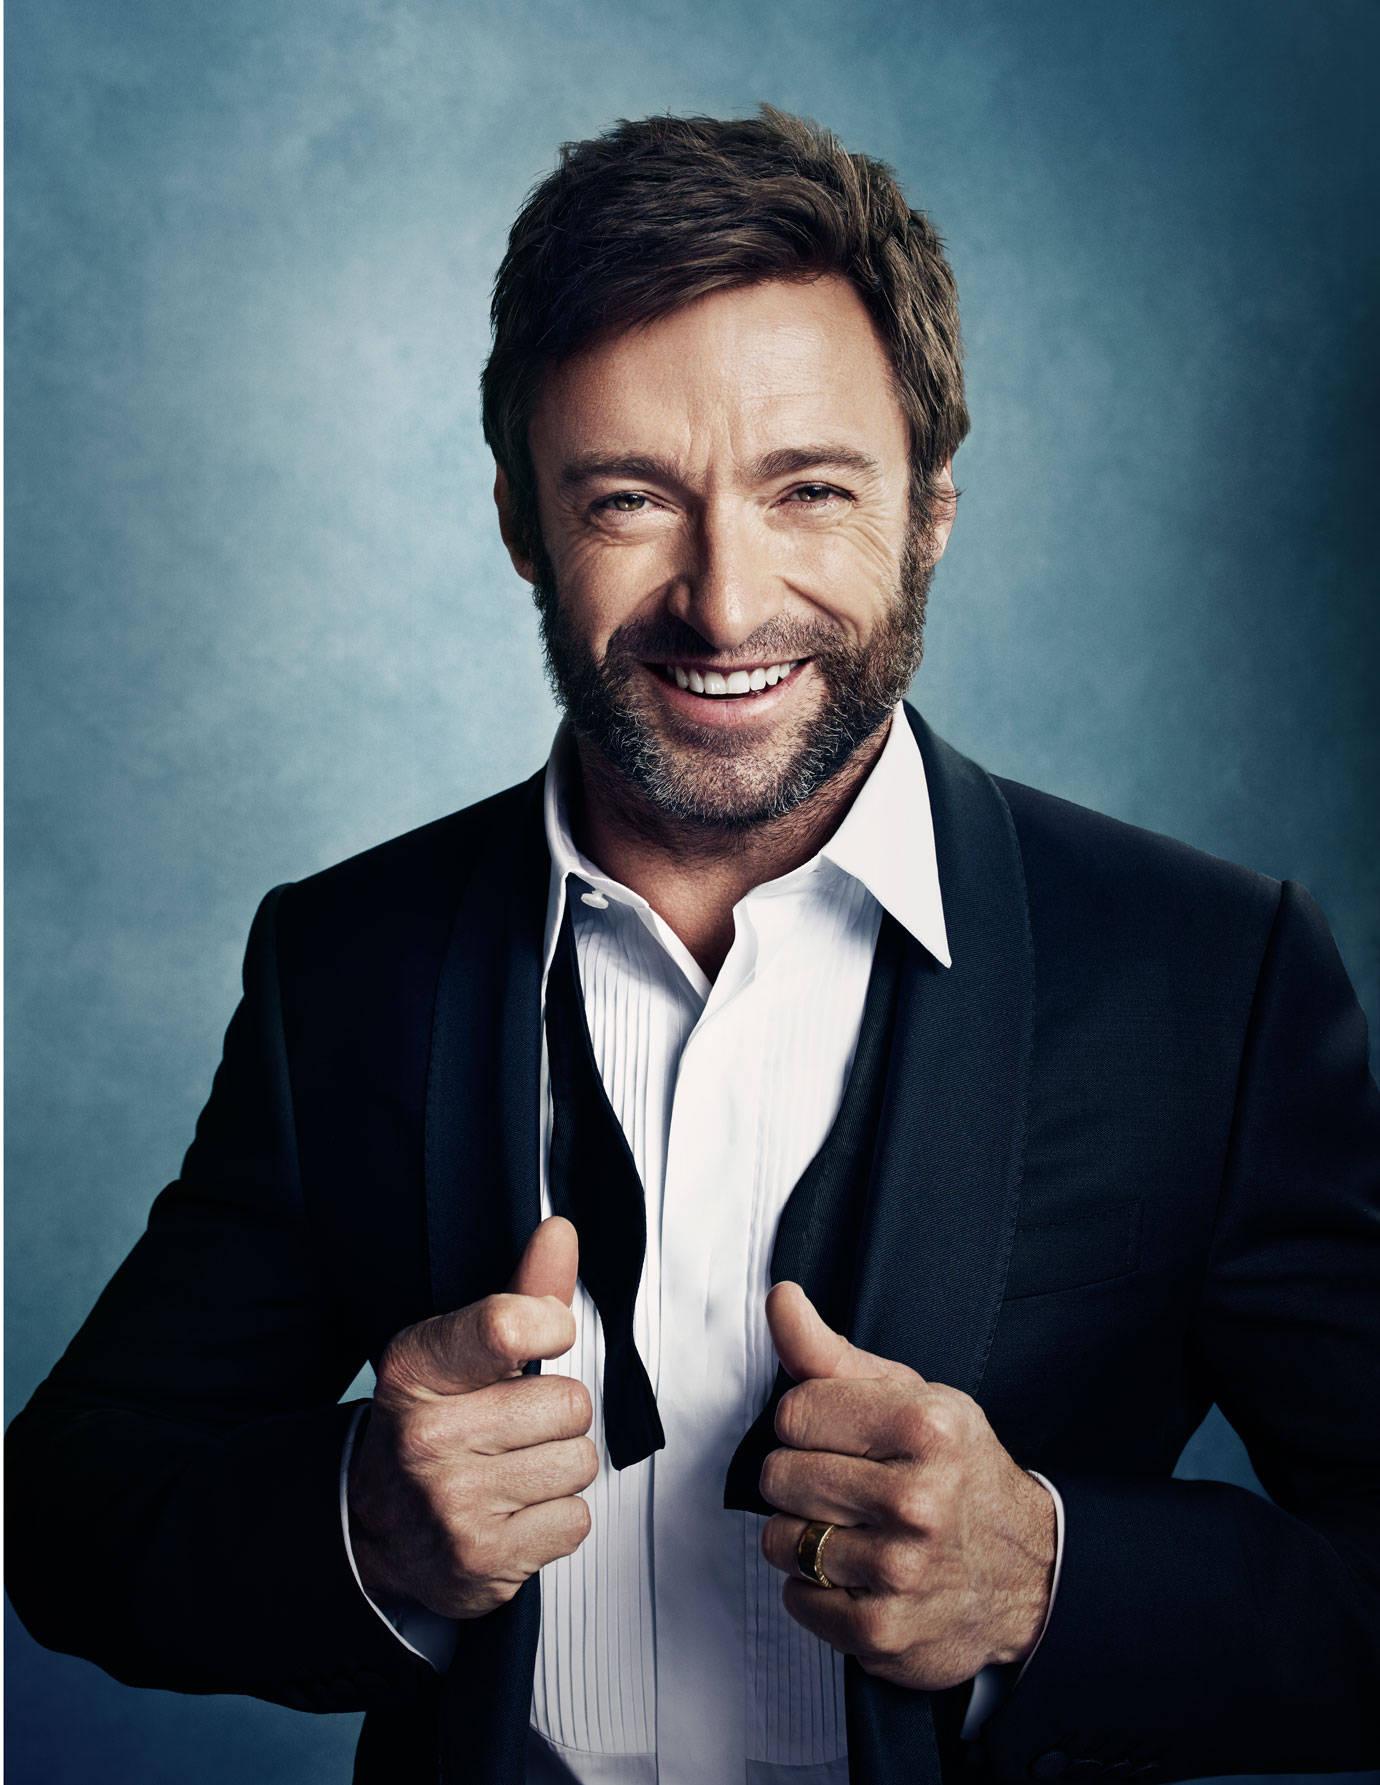 Những bộ râu quyến rũ chất lừ của quý ông hollywood